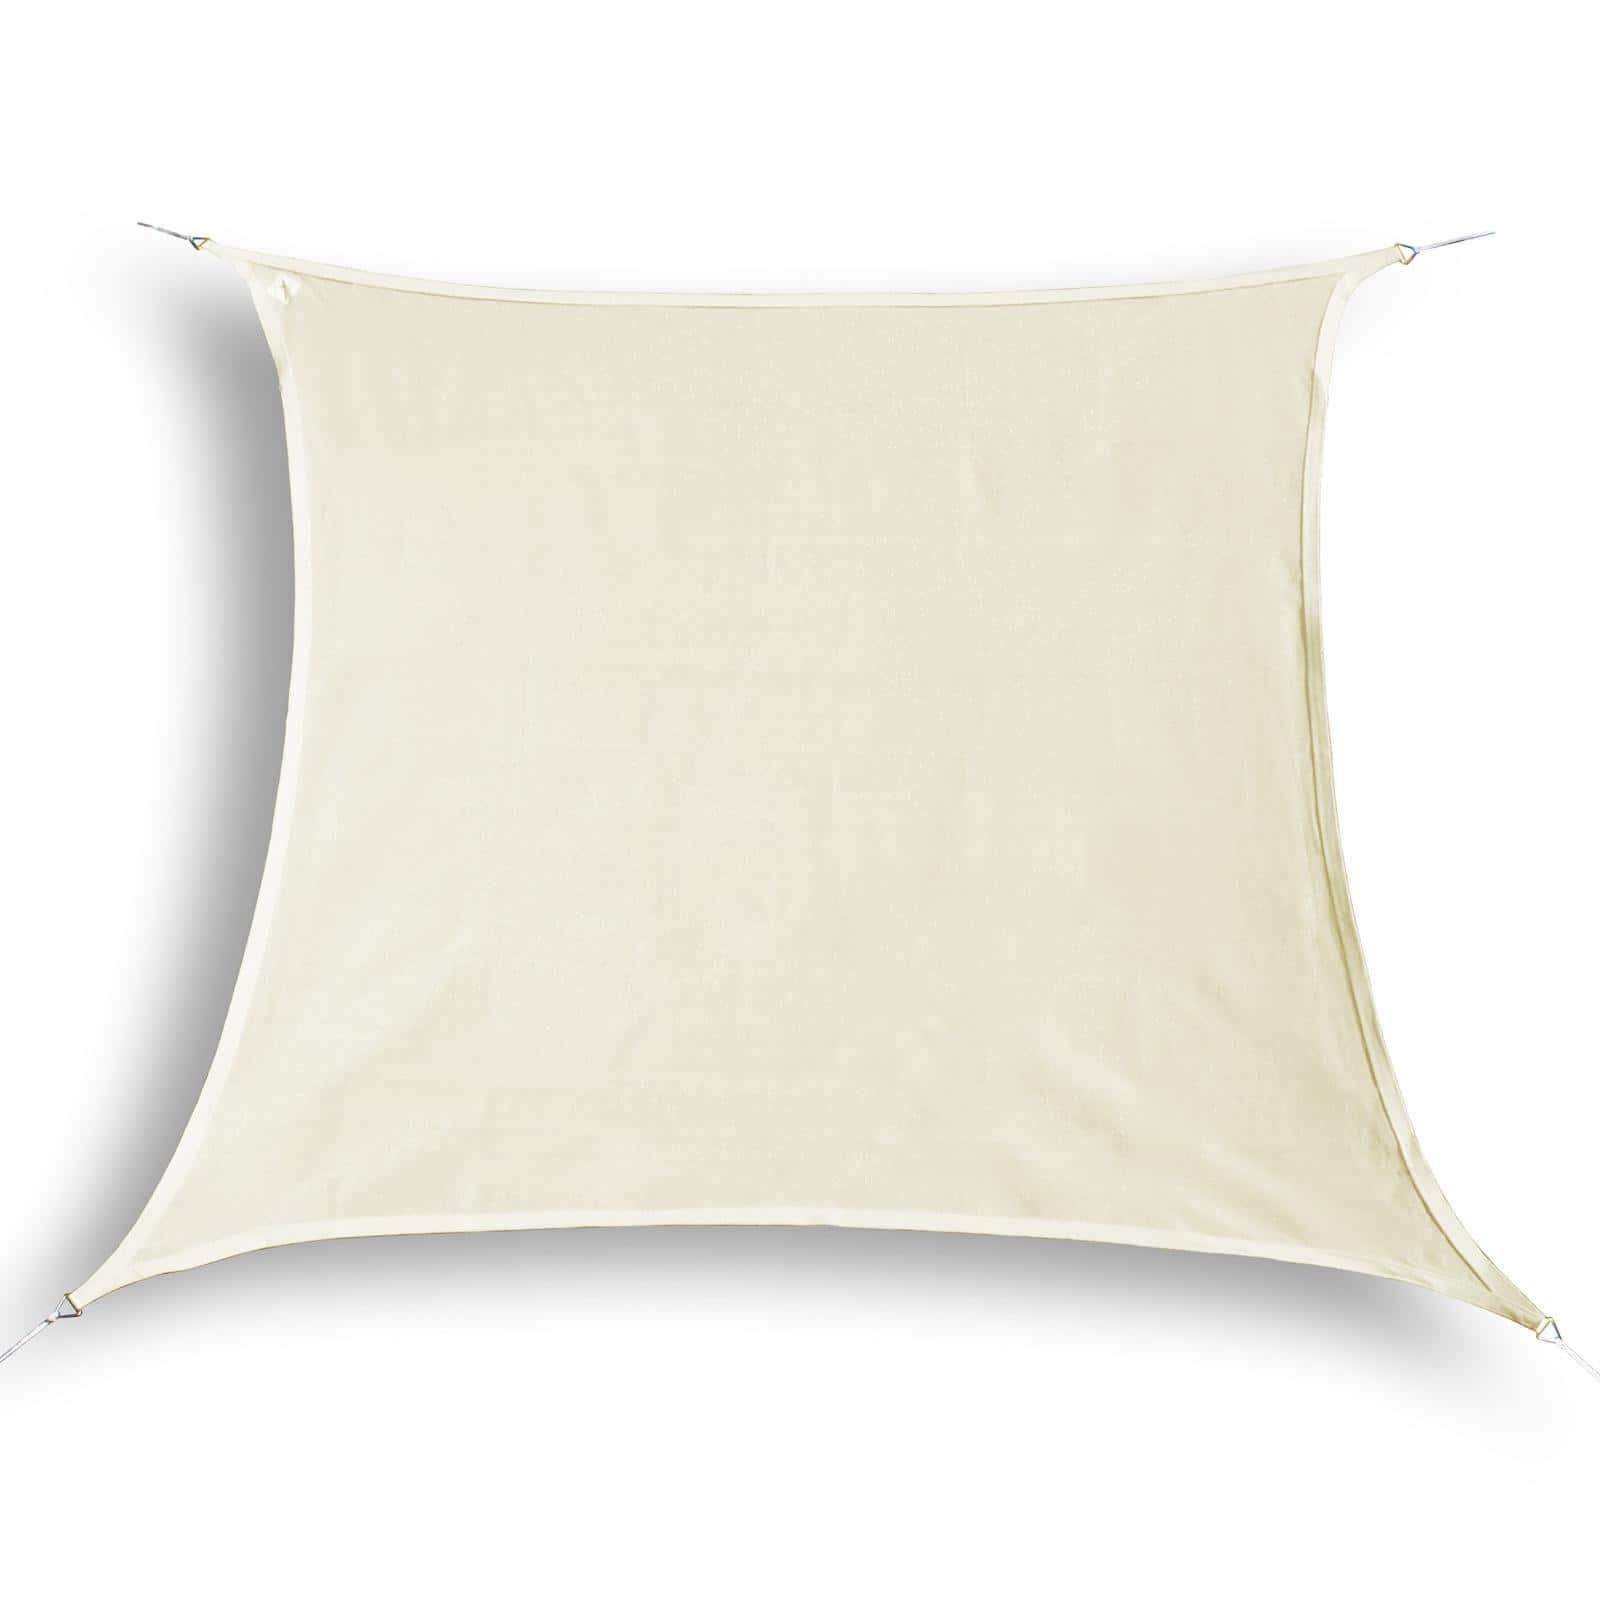 hanSe® Schaduwdoek Vierkant Waterdoorlatend 4x4 m - zonnedoek - Creme